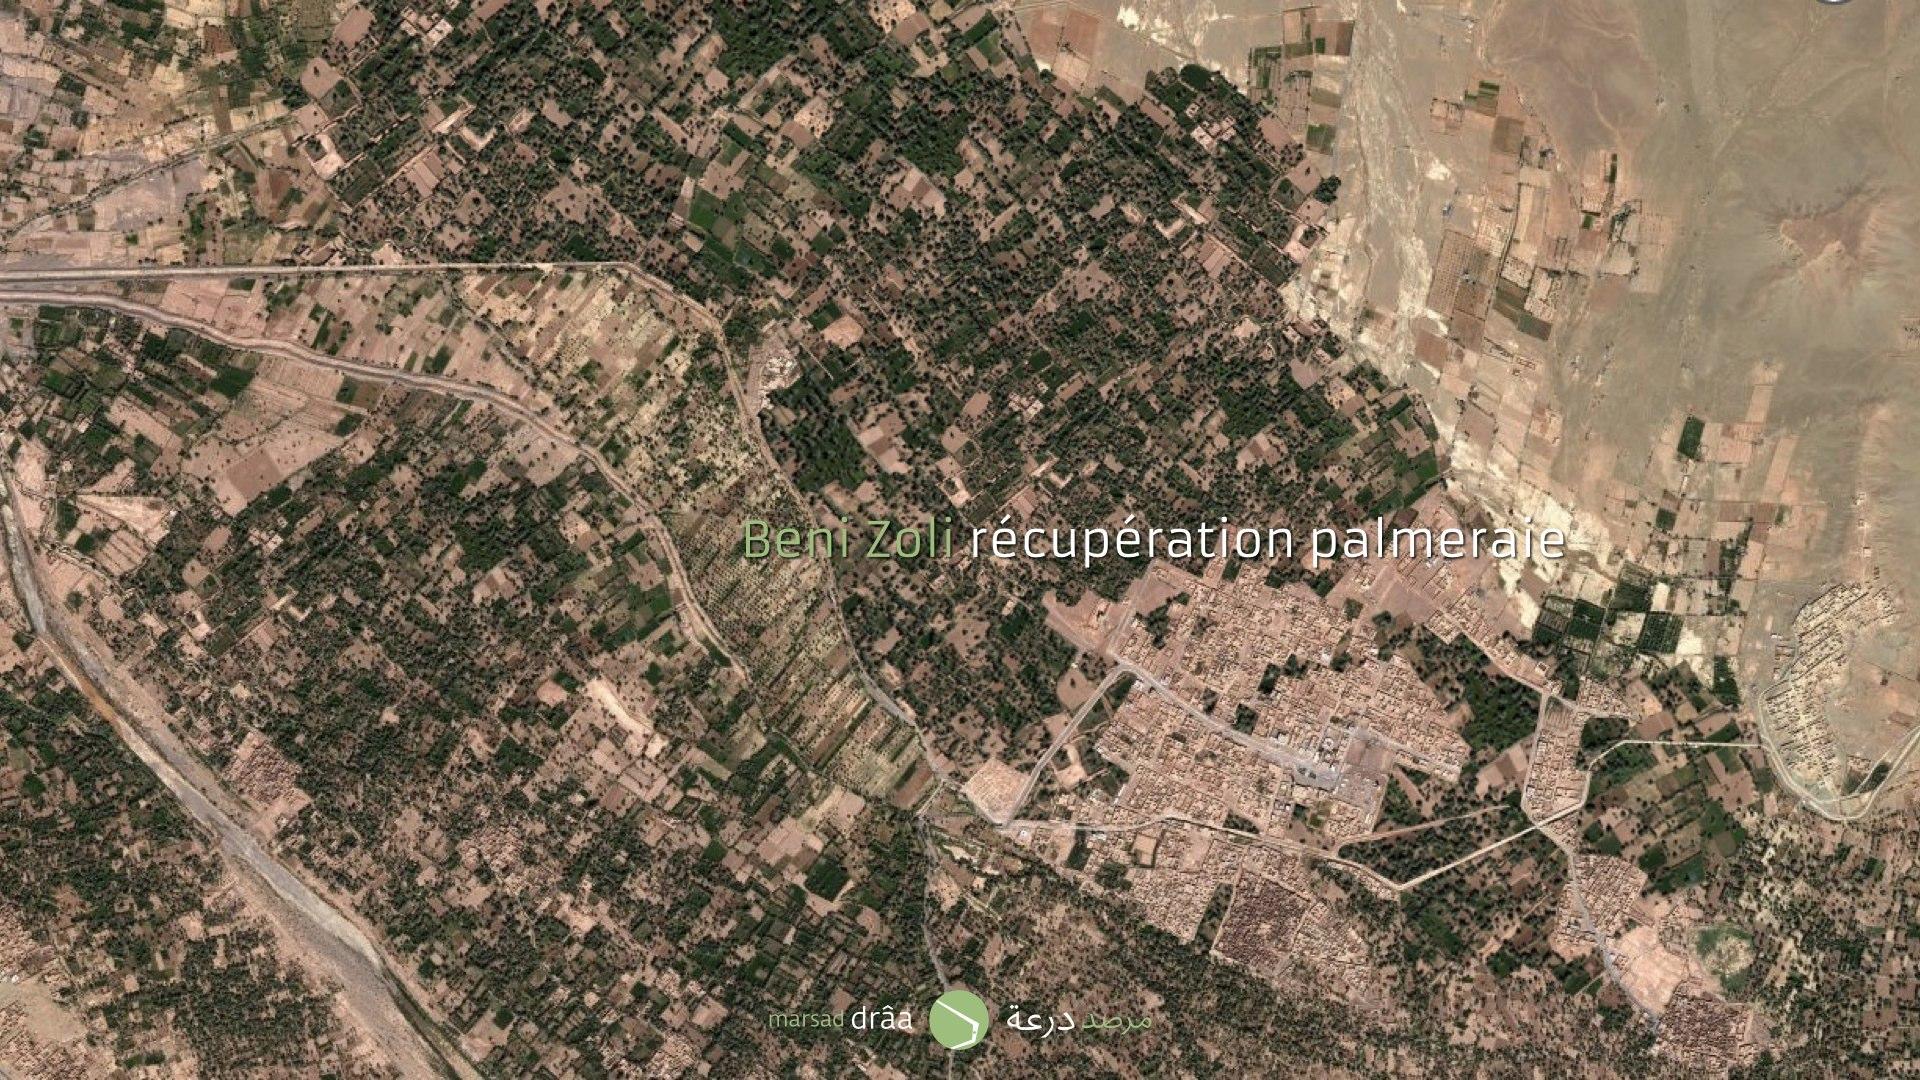 Imaginons que la palmeraie est toujours présente. Comment pourrait-on développer la ville à l'intérieur de l'oasis?